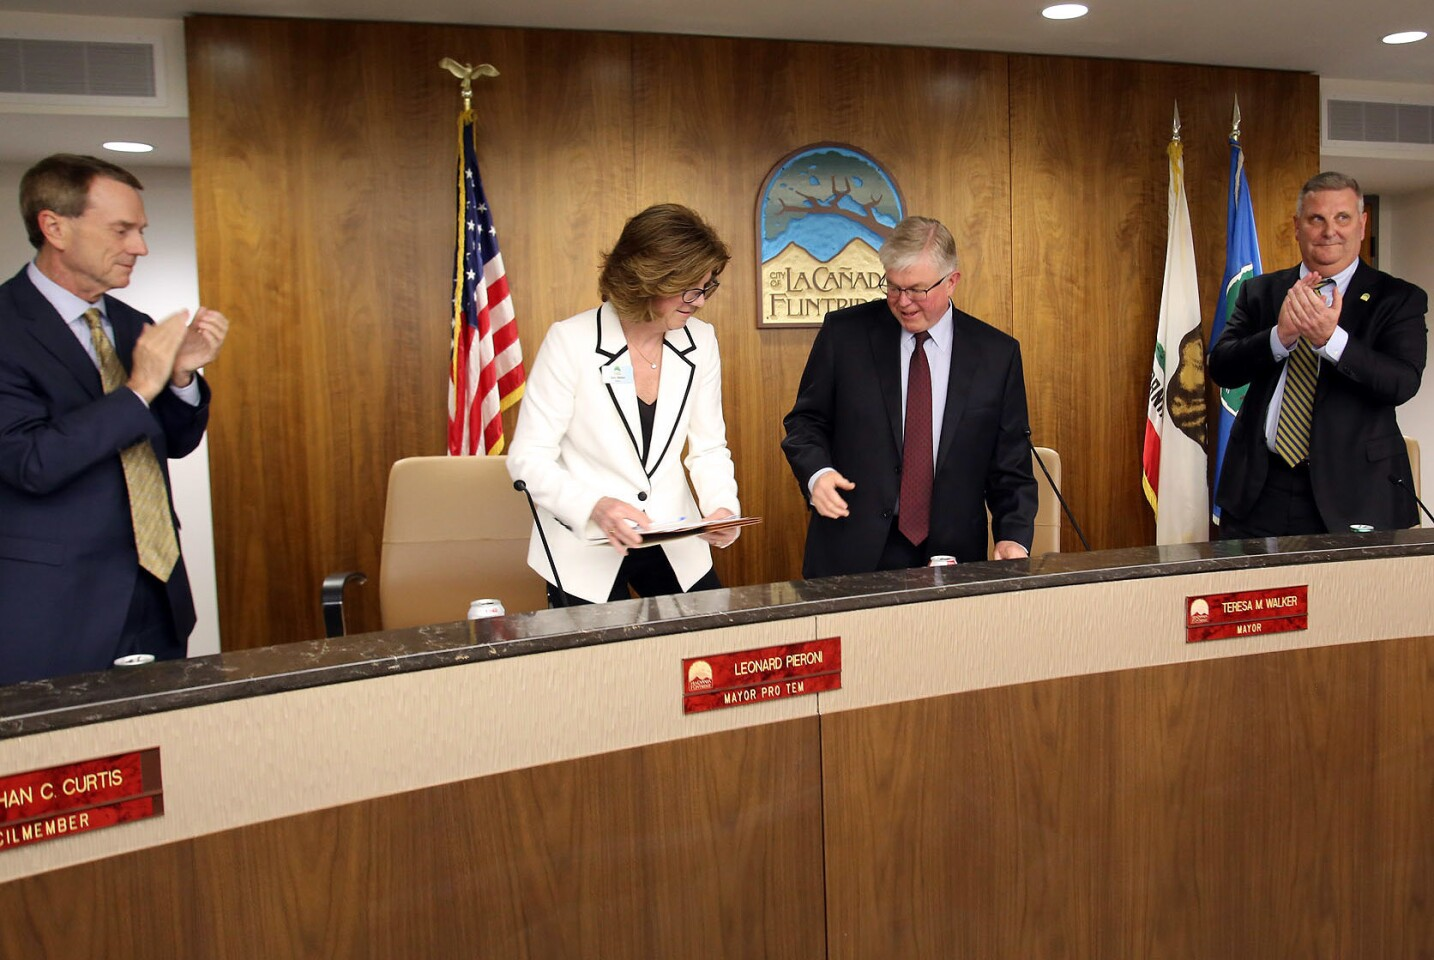 New mayor sworn in